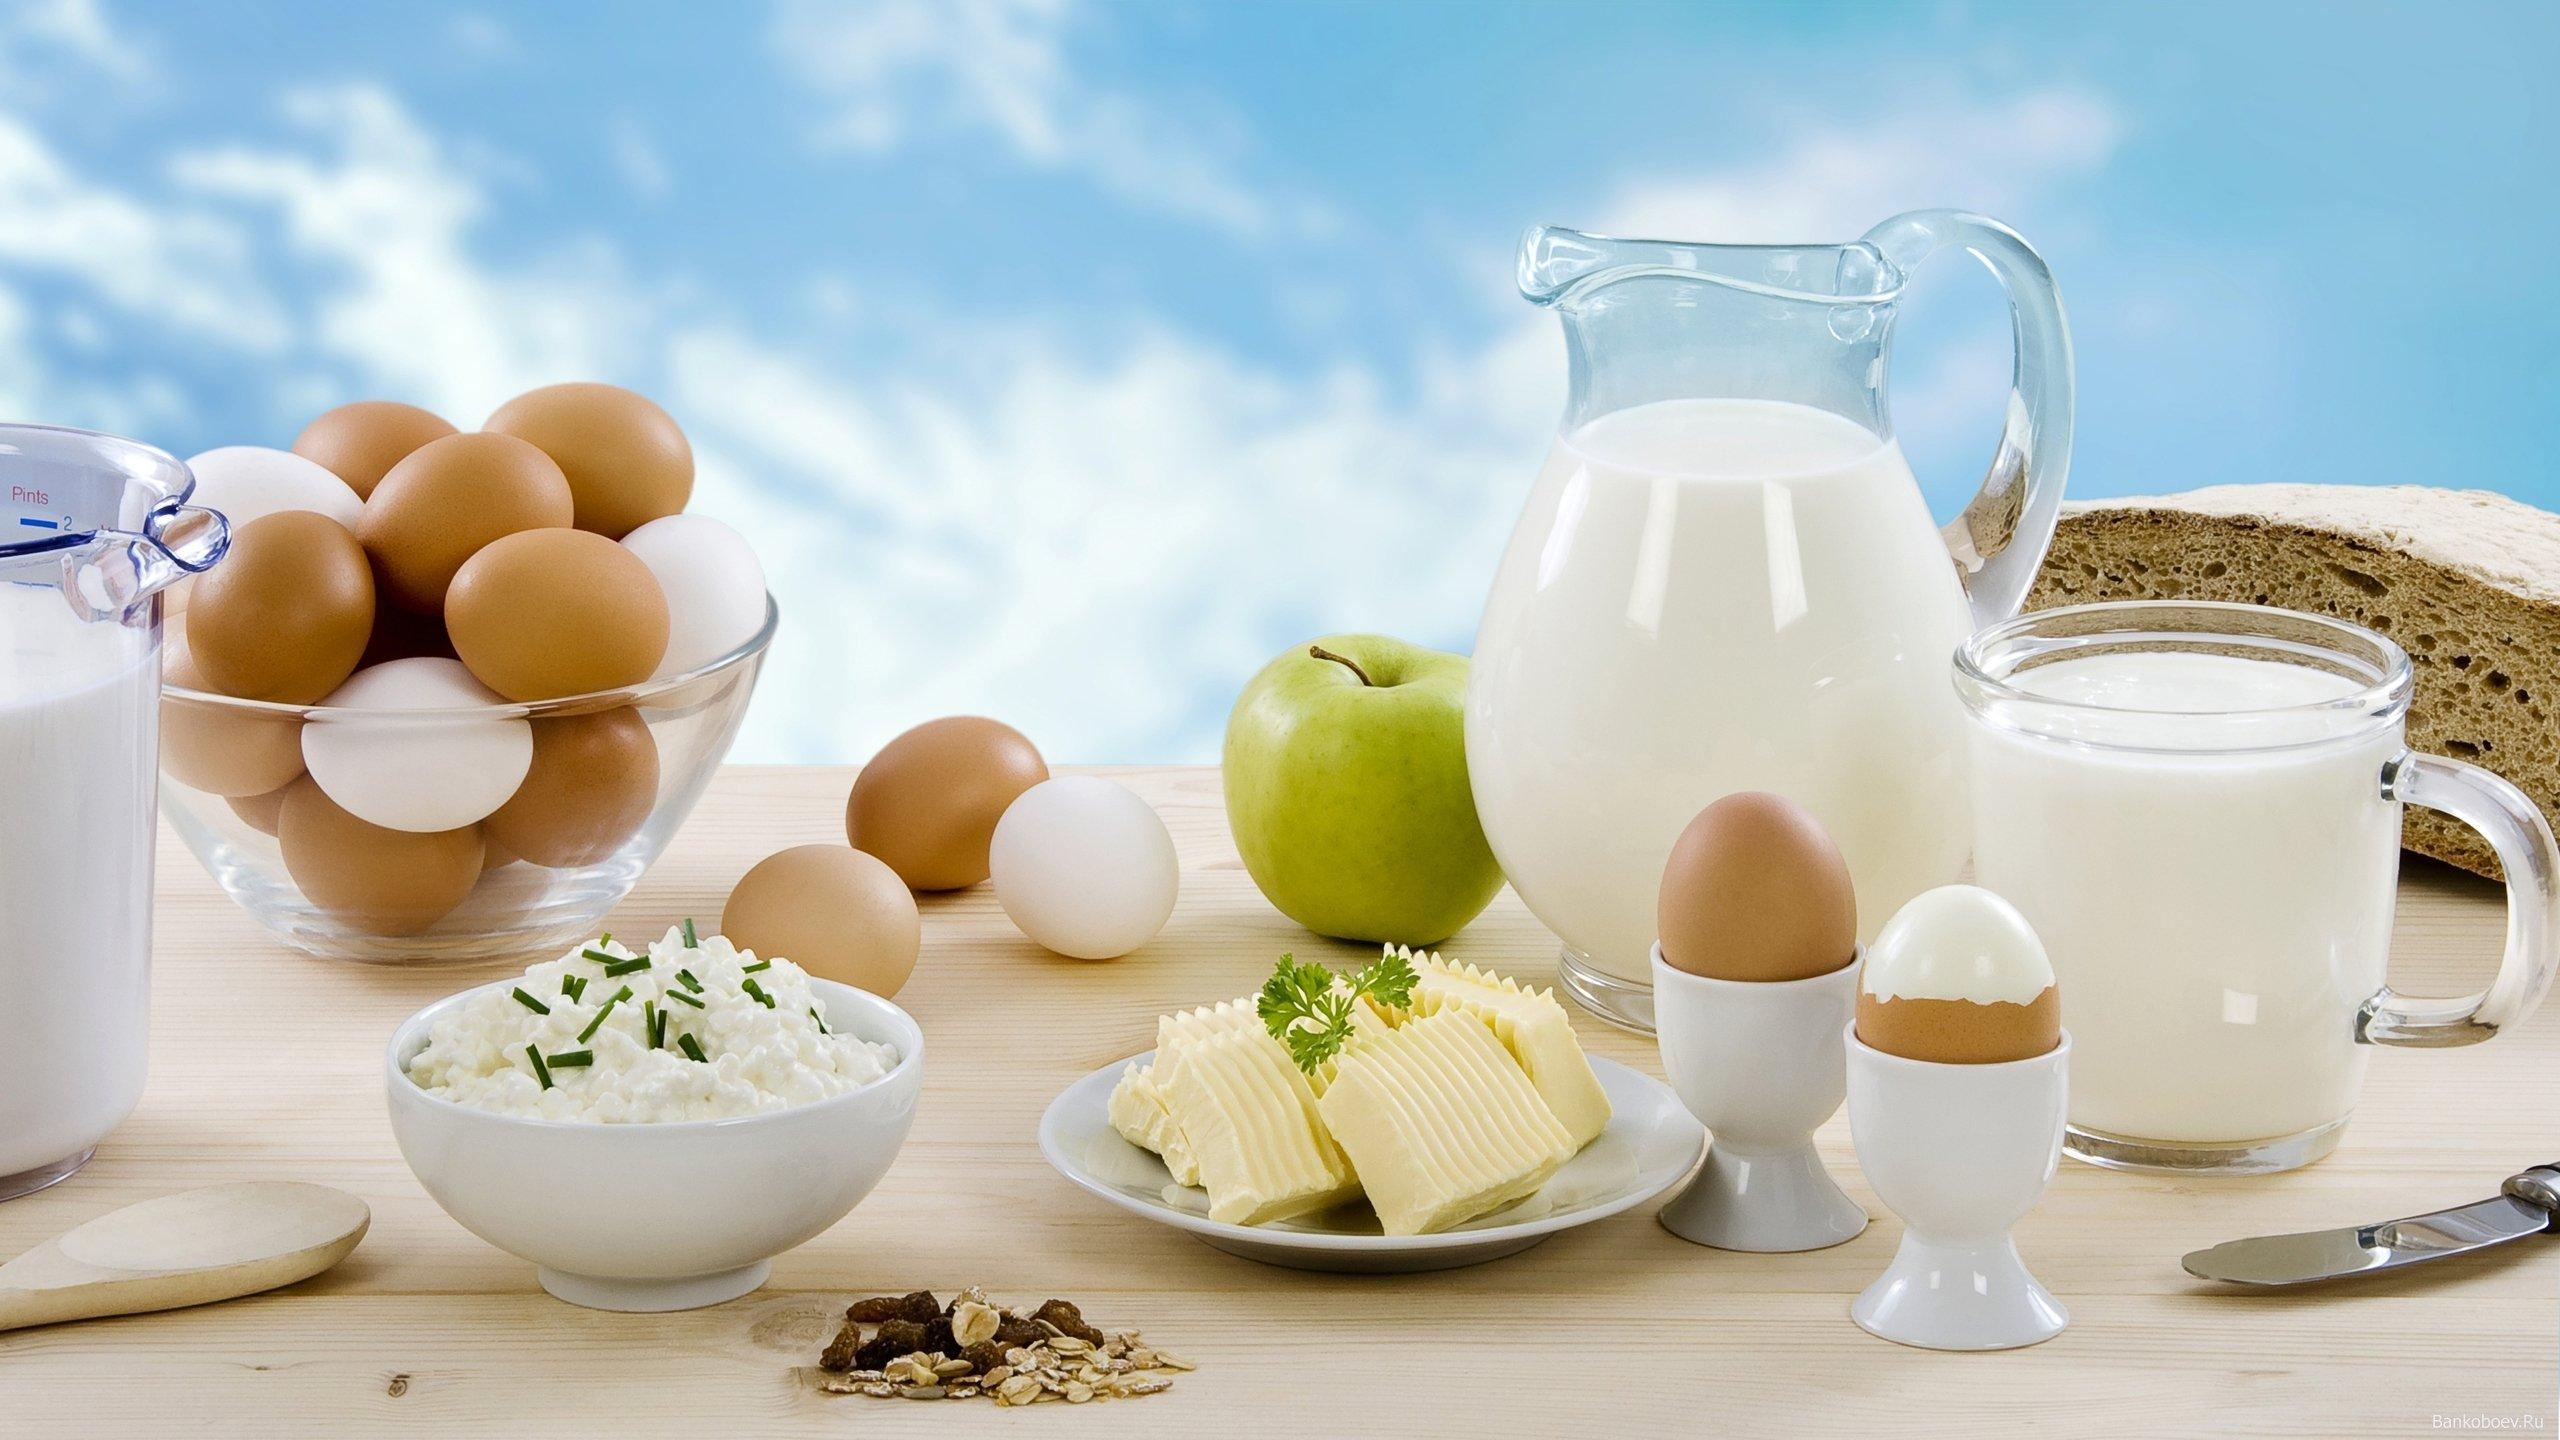 9 малоизвестных фактов о куриных яйцах